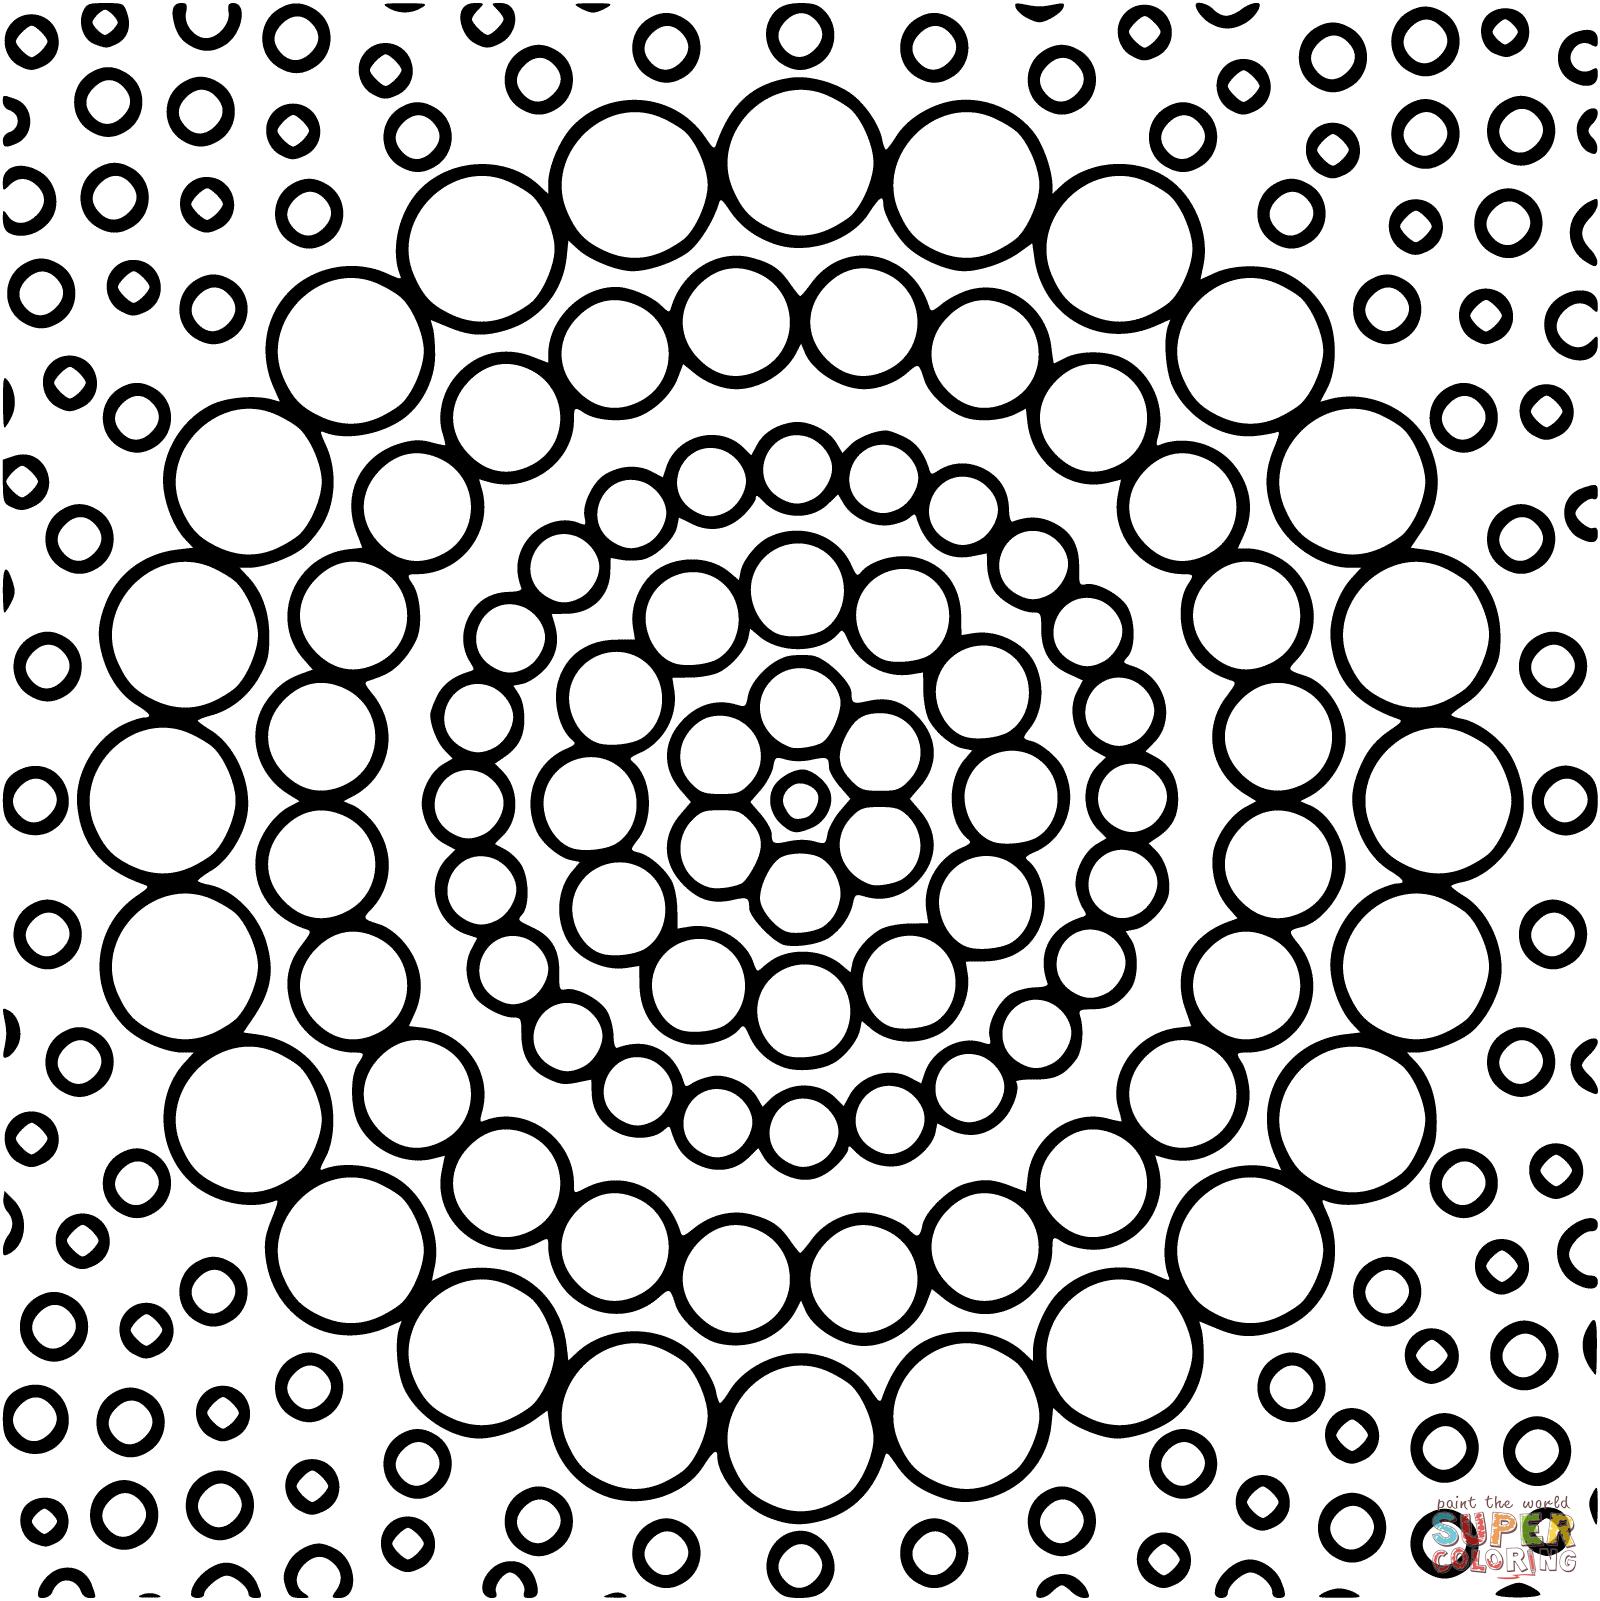 Circle Mandala Coloring Page Free Printable Coloring Pages Mandala Coloring Pages Mandala Coloring Free Printable Coloring Pages